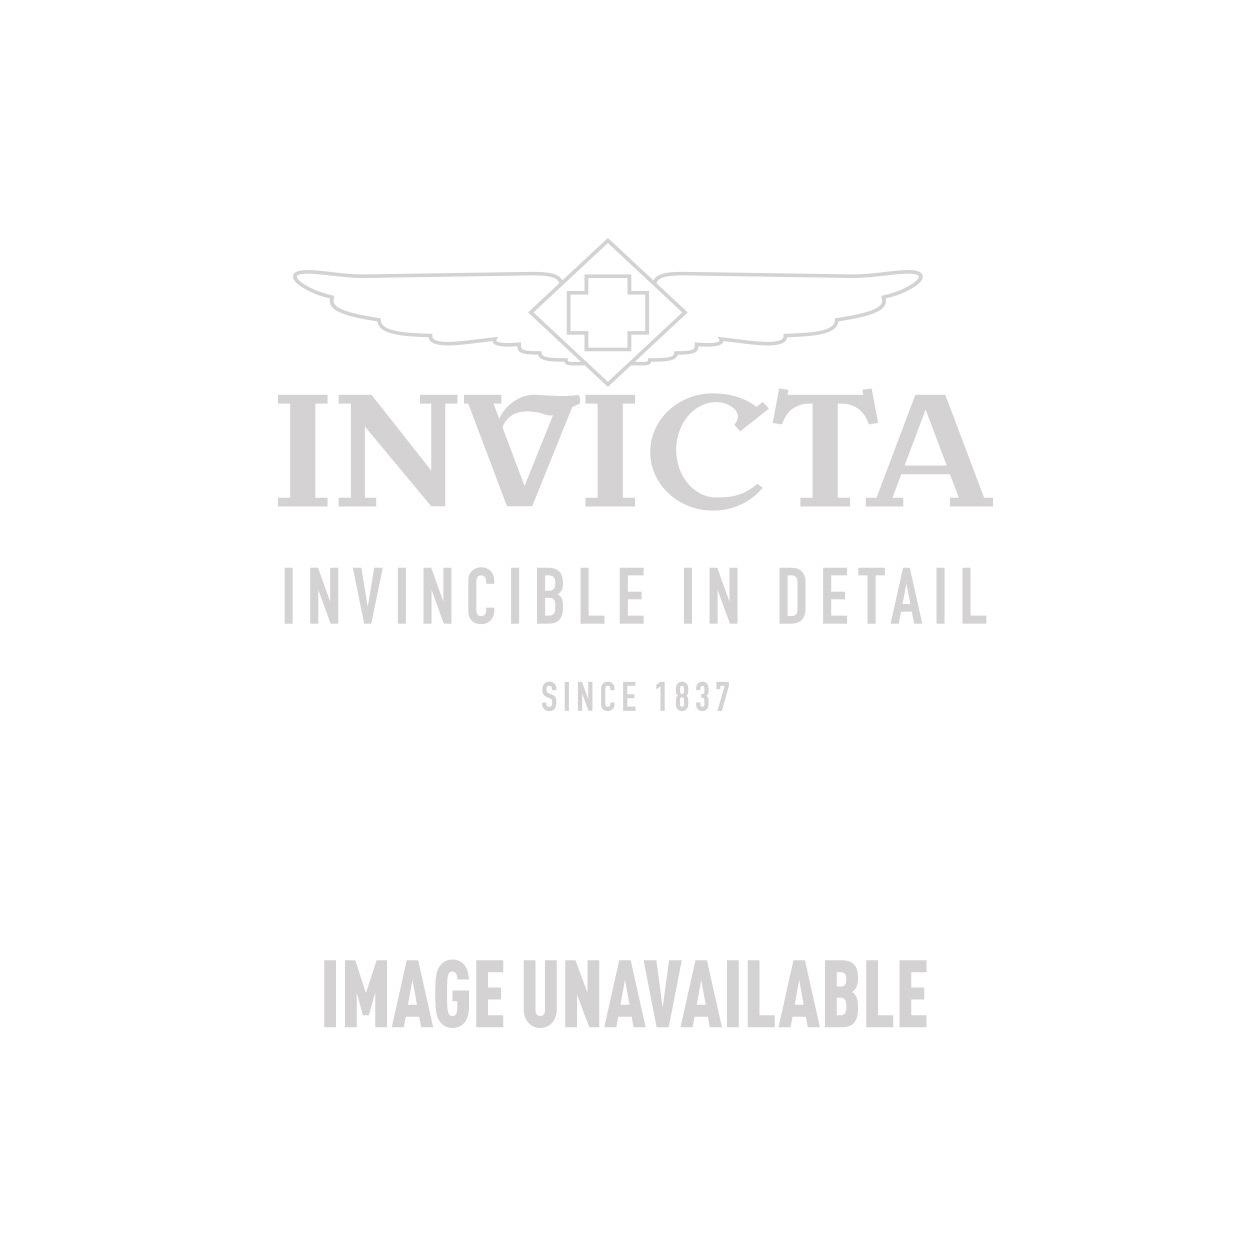 Invicta Model 24802